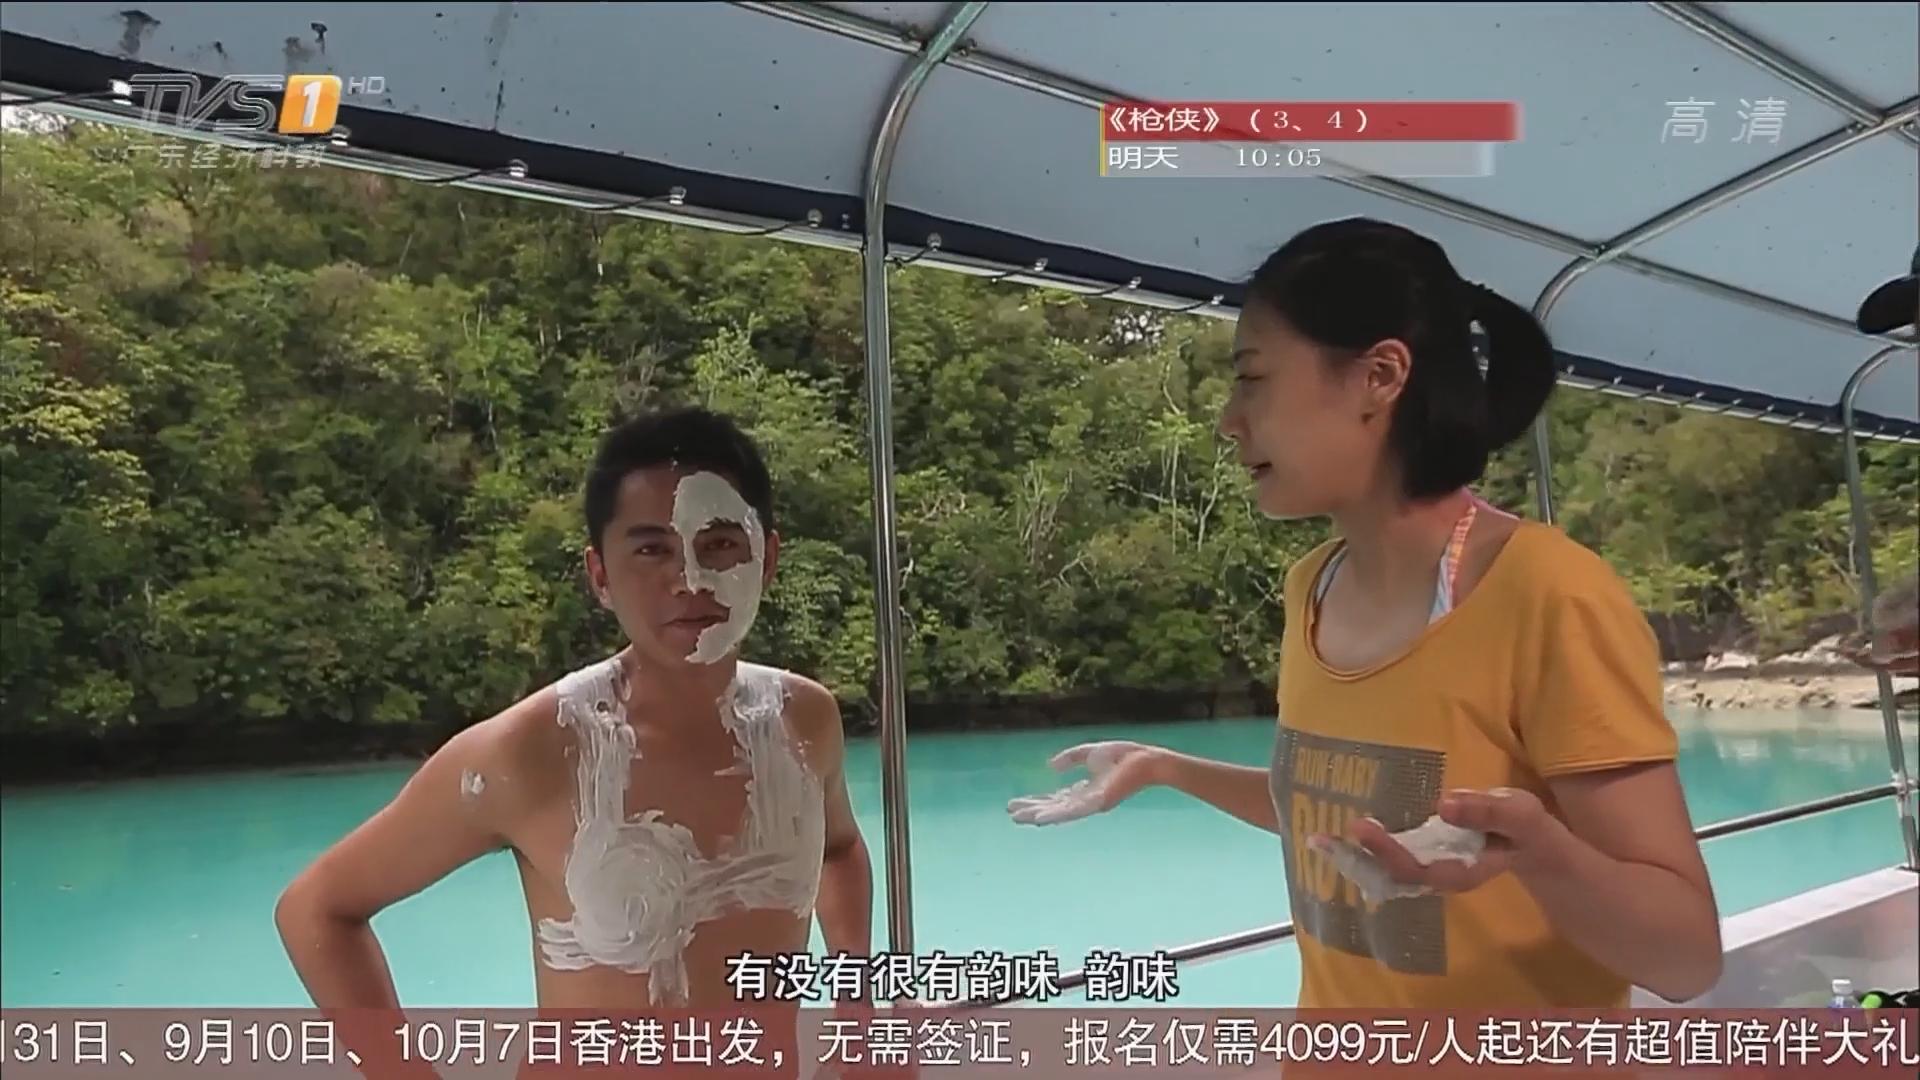 帕劳游——传说中的牛奶湖 帕劳的美容圣地